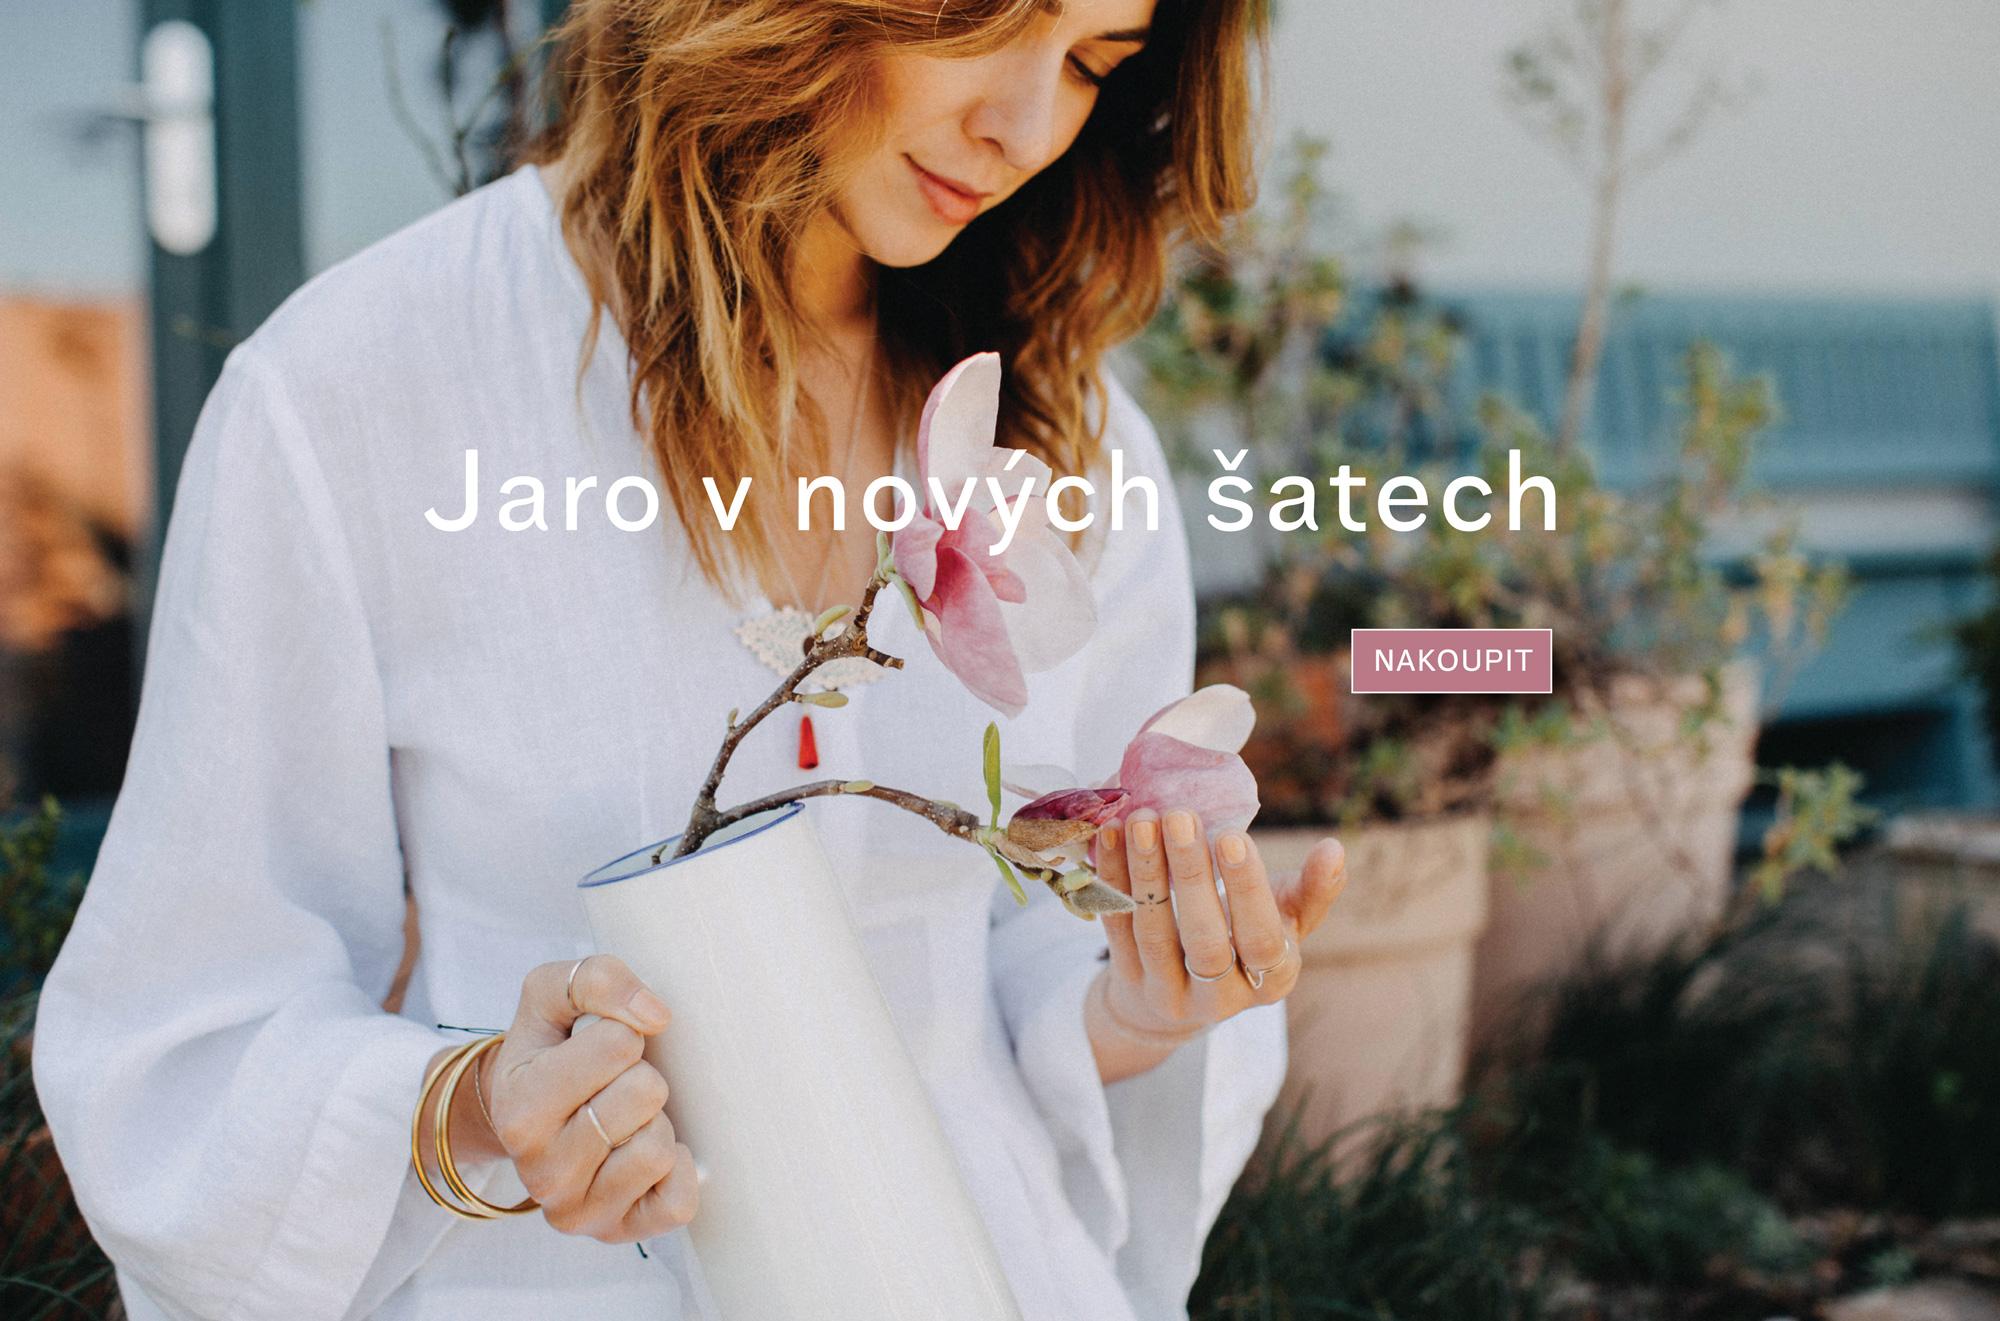 01_hlavni-banner.jpg